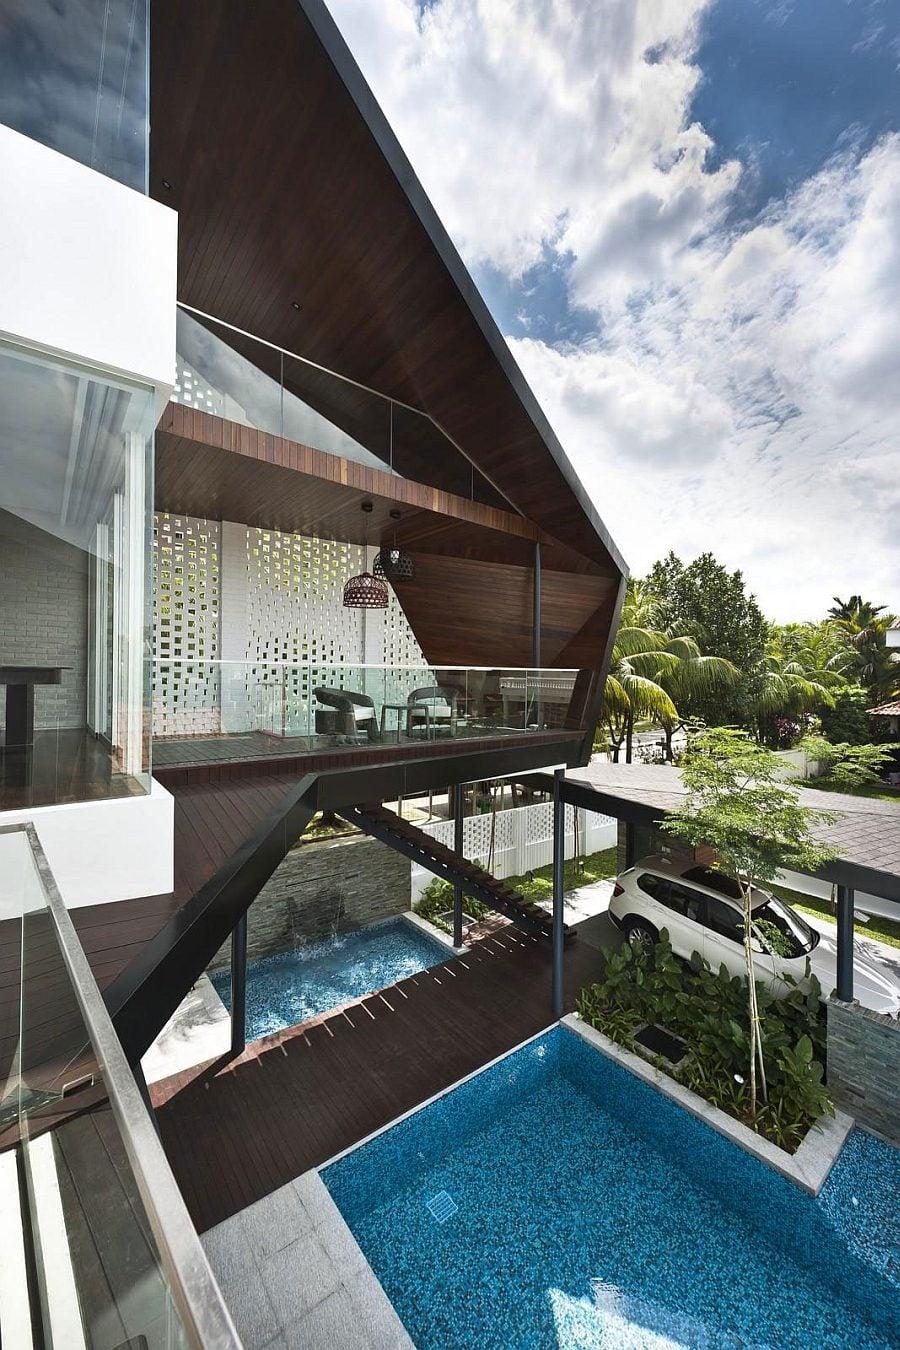 1323 Thiết kế nhà ở hiện đại và lôi cuốn tại Singapore qpdesign